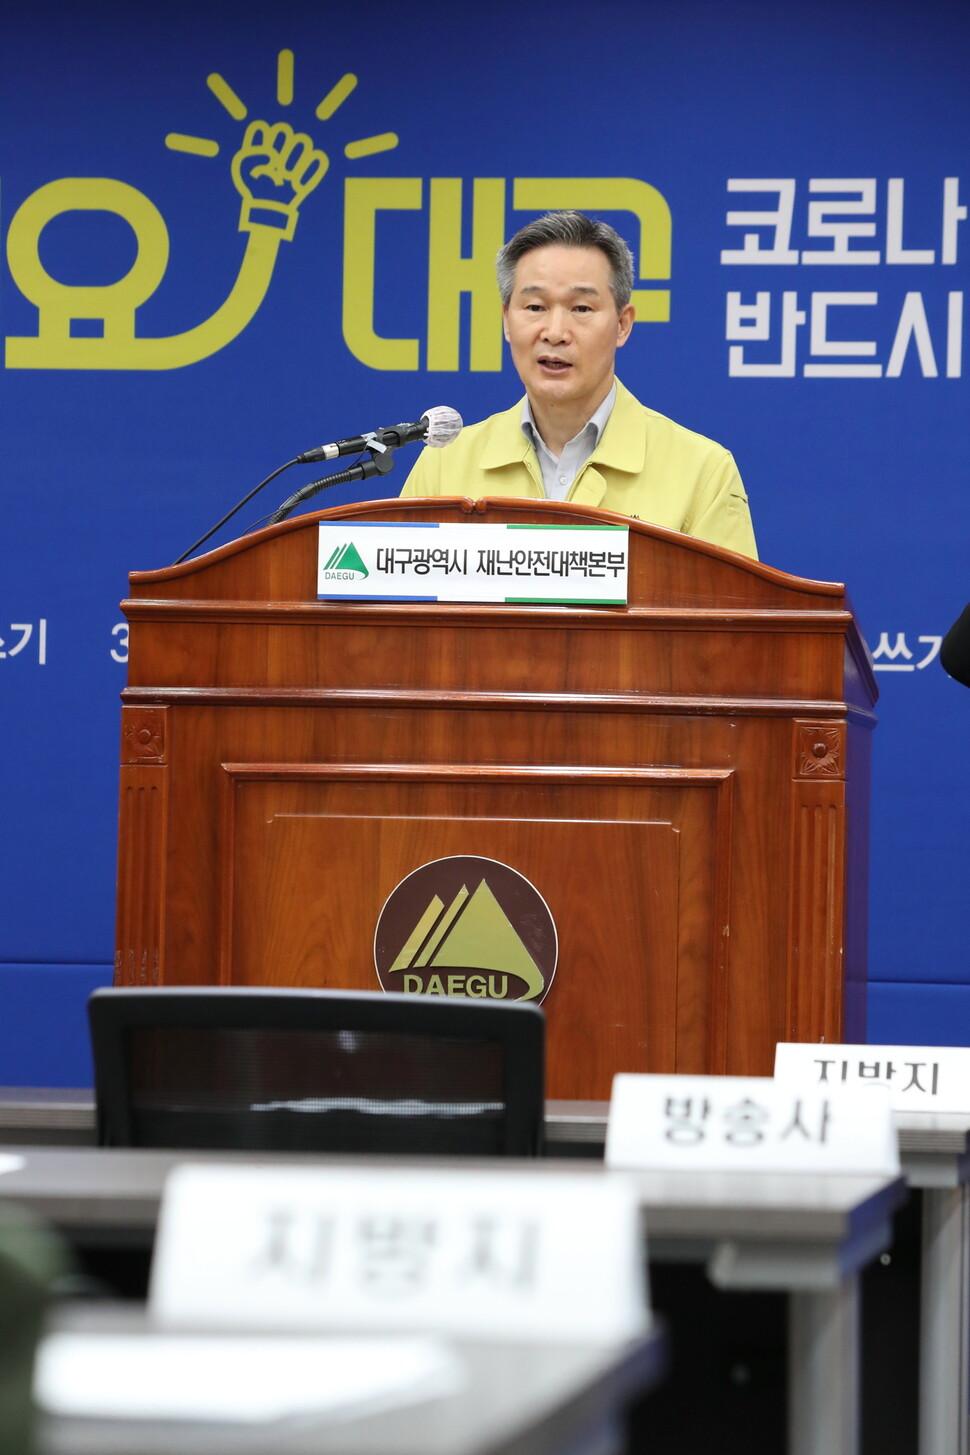 채홍호 대구시 행정부시장이 3일 오전 대구시청에서 기자회견을 하고 있다. 대구시 제공